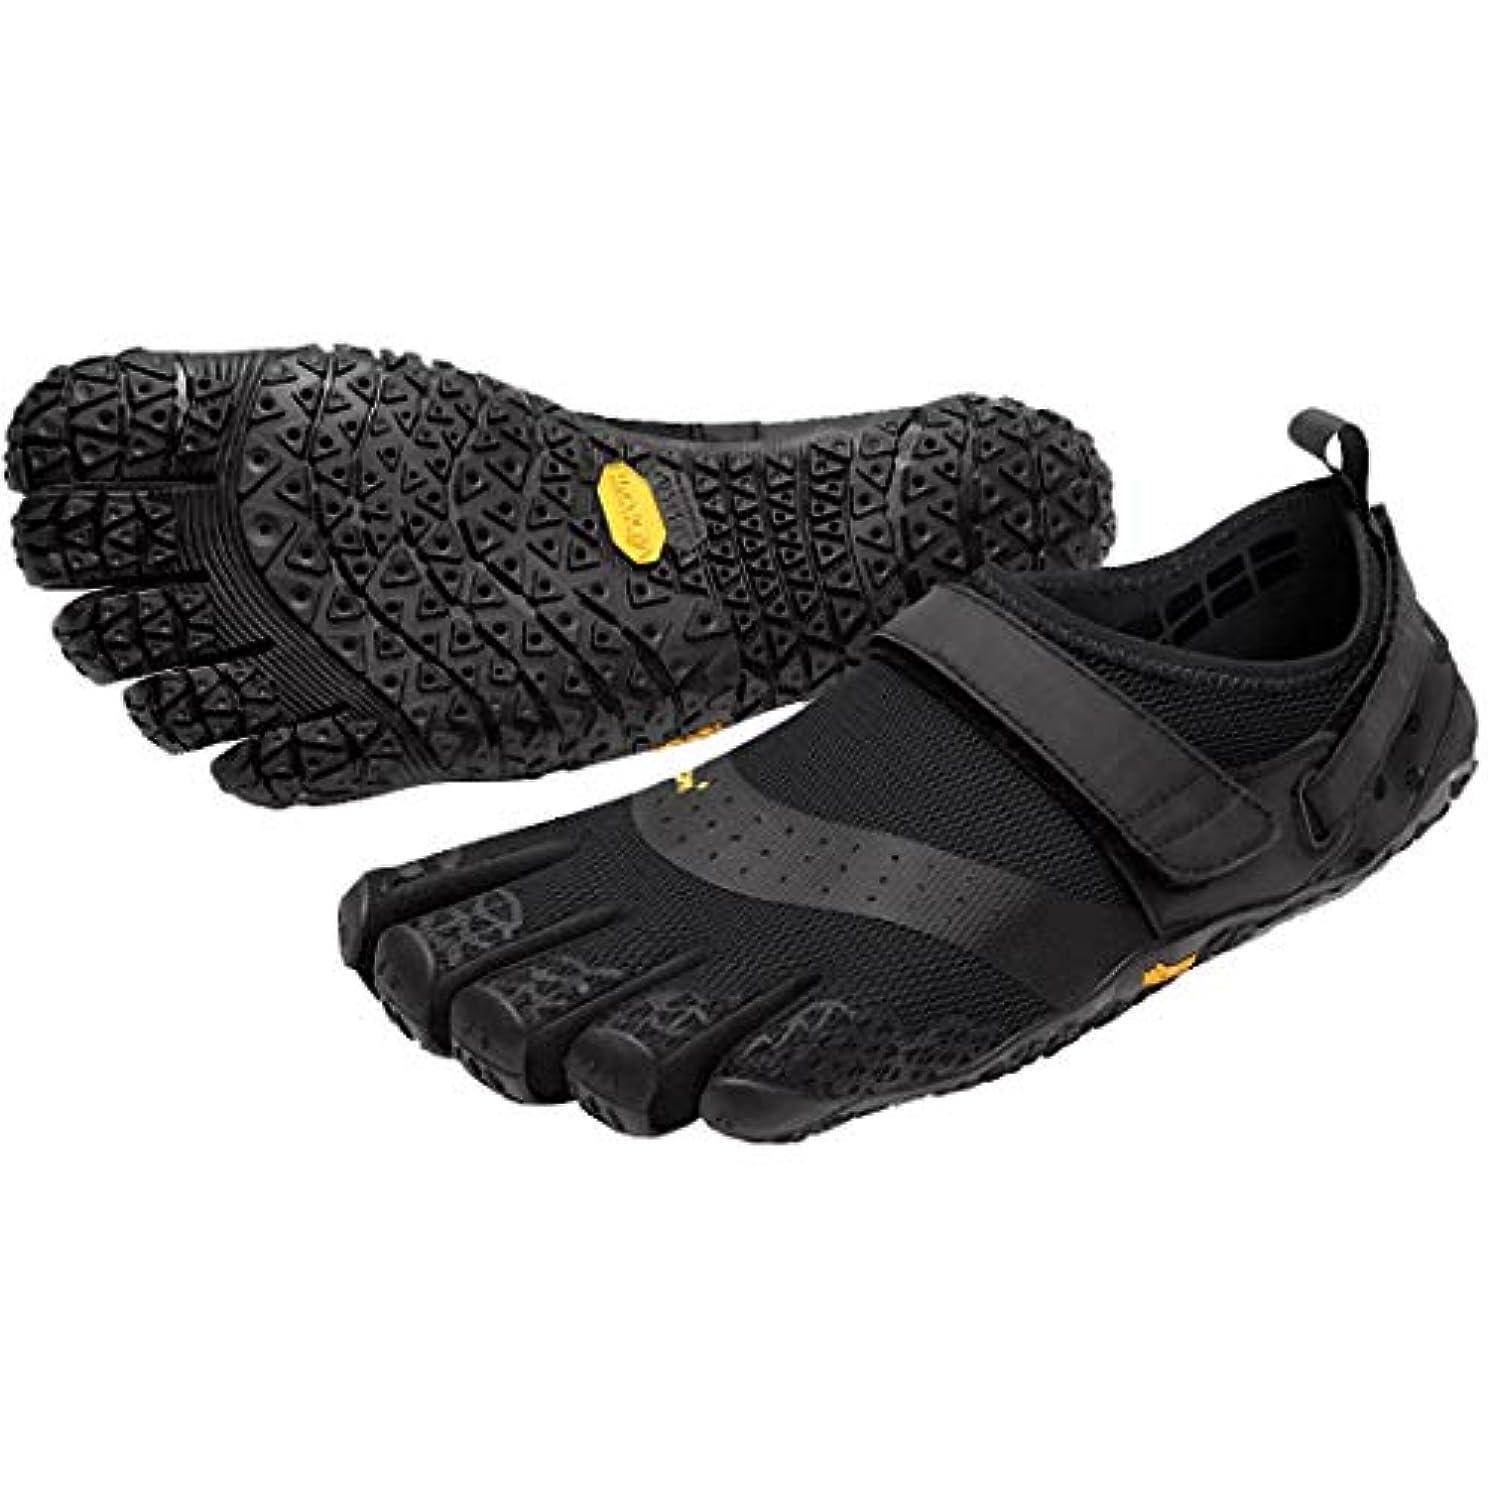 神経衰弱宇宙飛行士配分[ヴィブラム] メンズ 男性用 シューズ 靴 スニーカー 運動靴 V-Aqua - Black [並行輸入品]